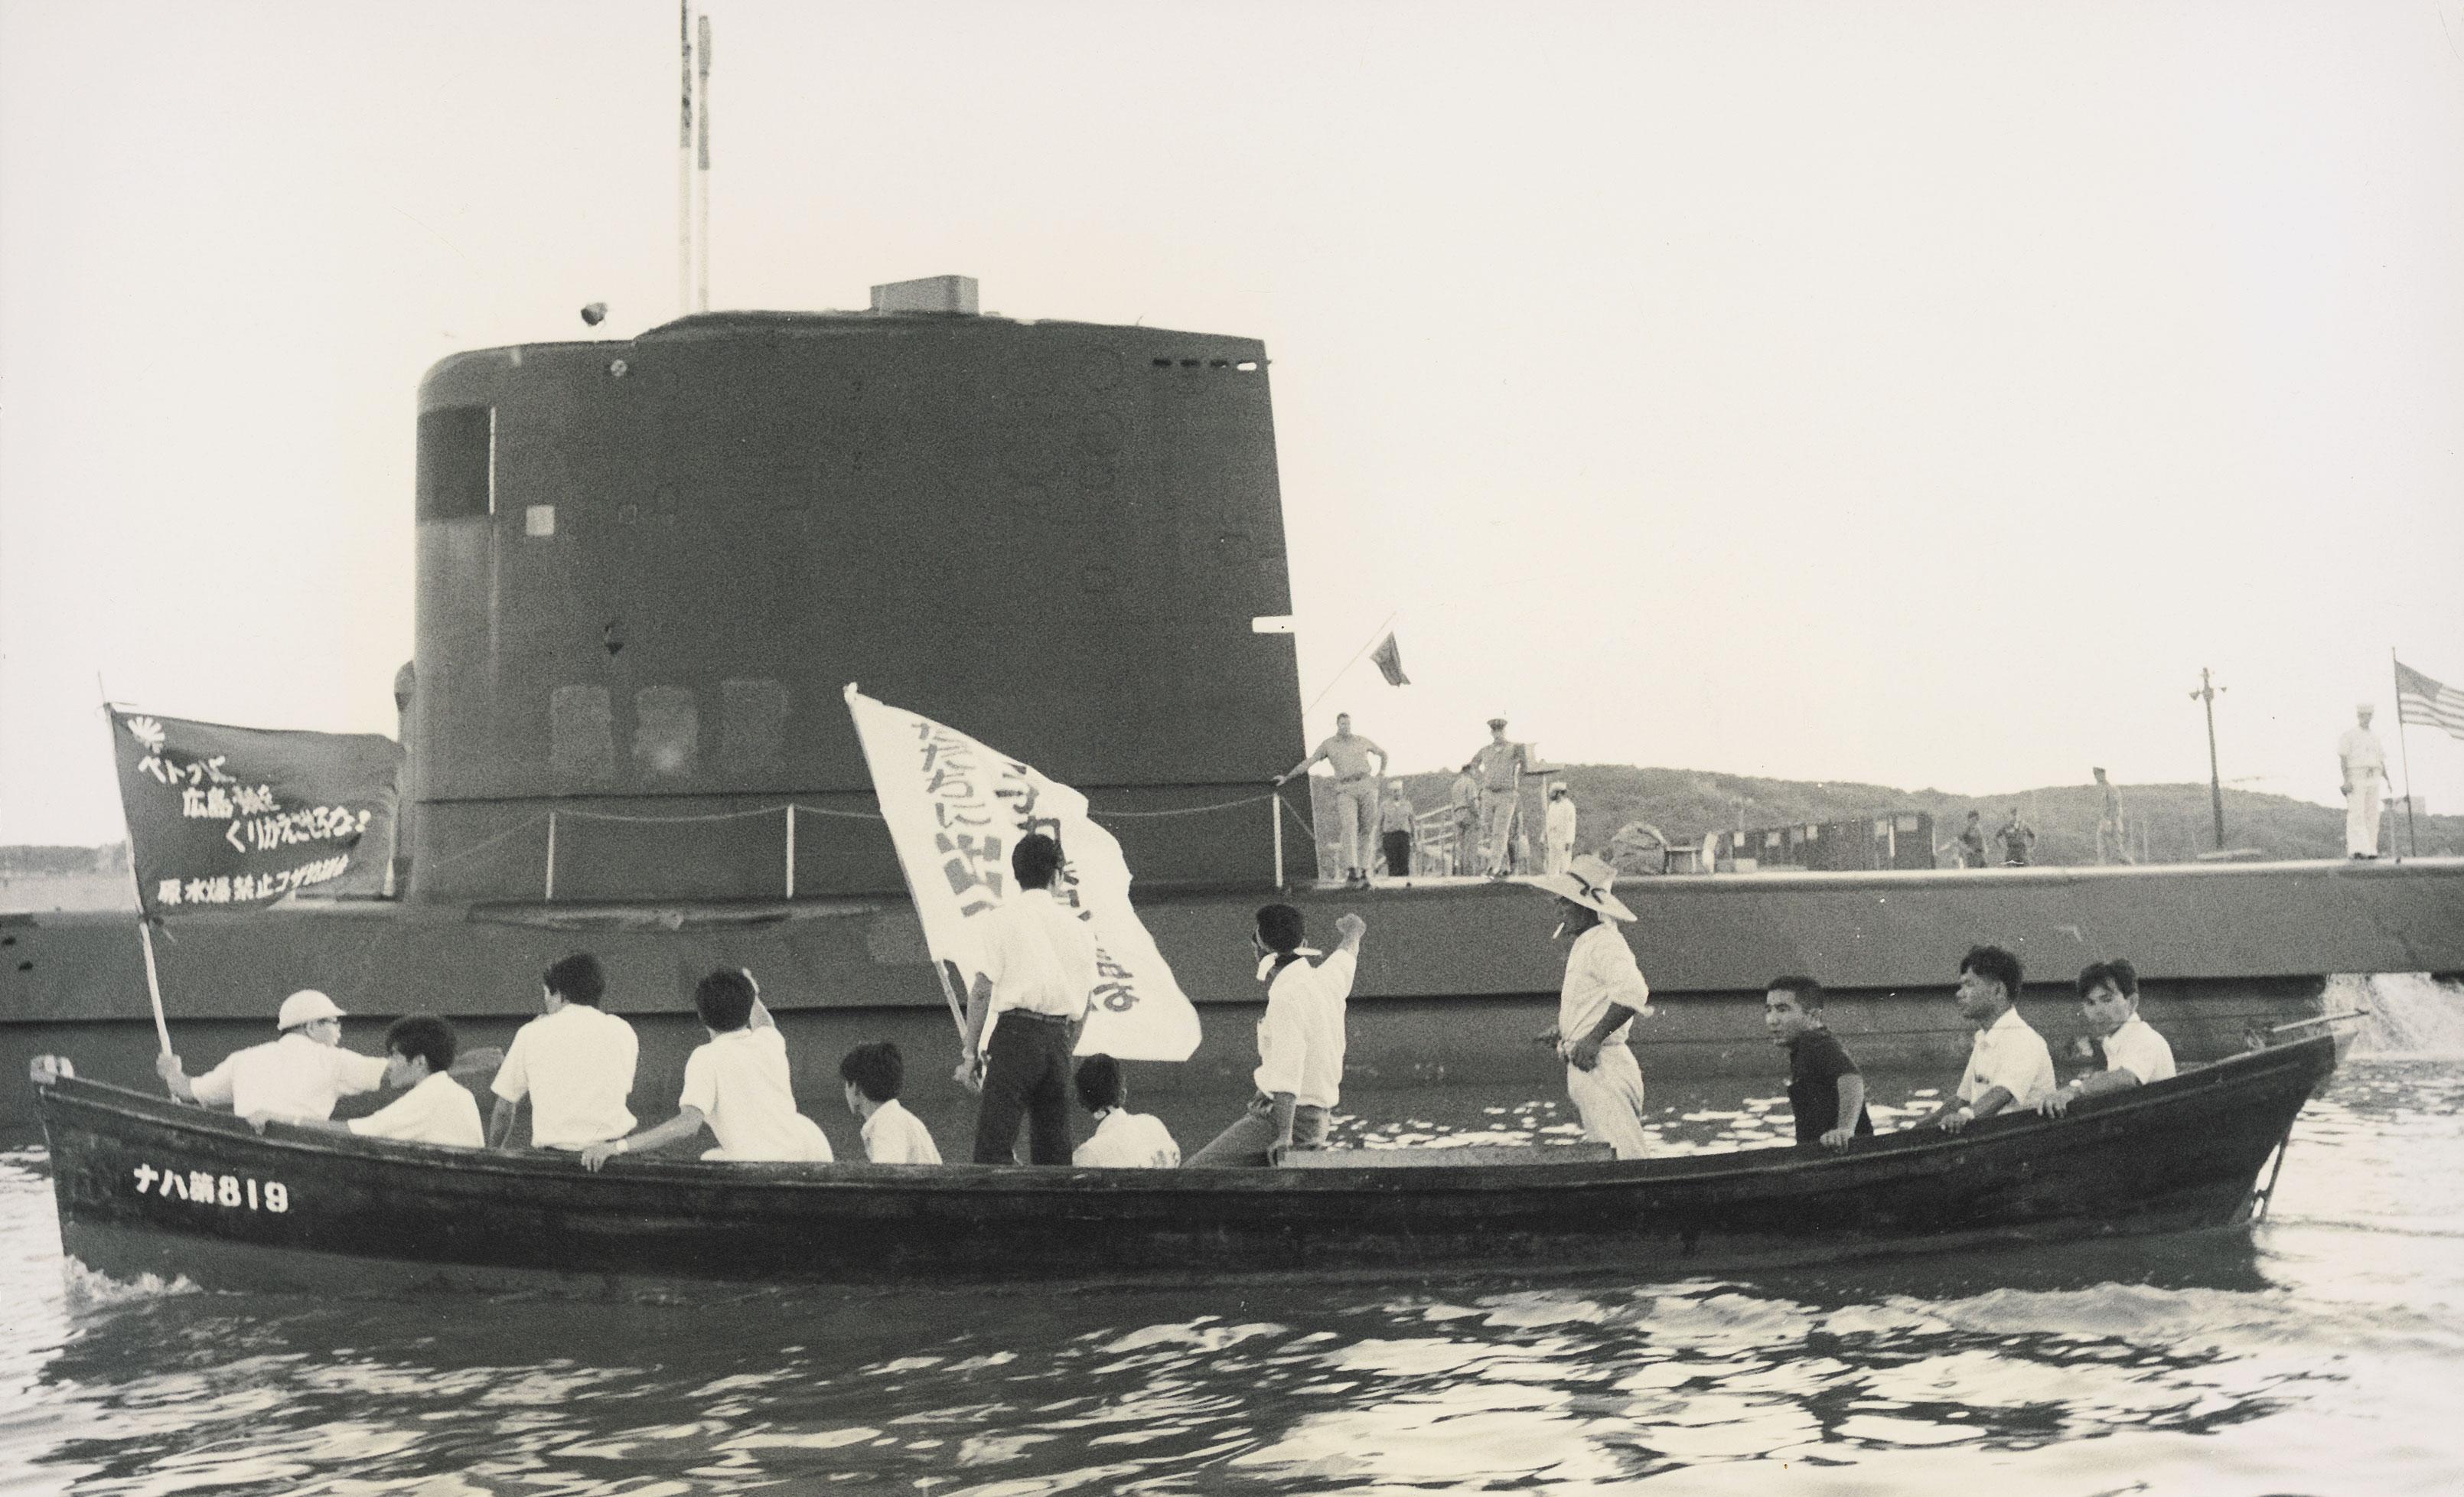 米海軍原子力潜水艦寄港反対